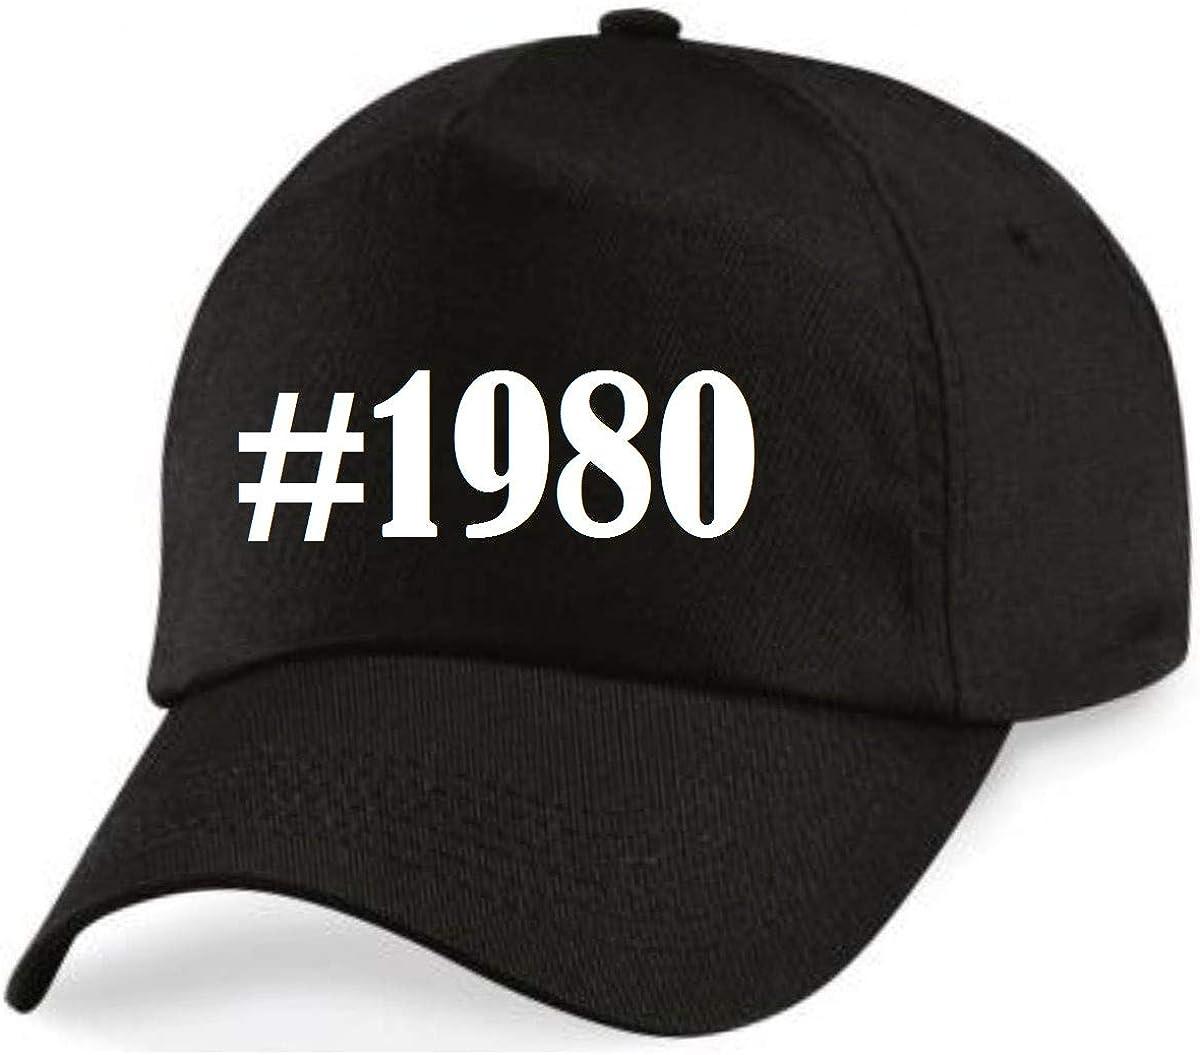 Casquettes de Baseball #1980 Hashtag Diamant Social Network Basecap pour Les Hommes Femmes Gar/çon /& Fille en Noir